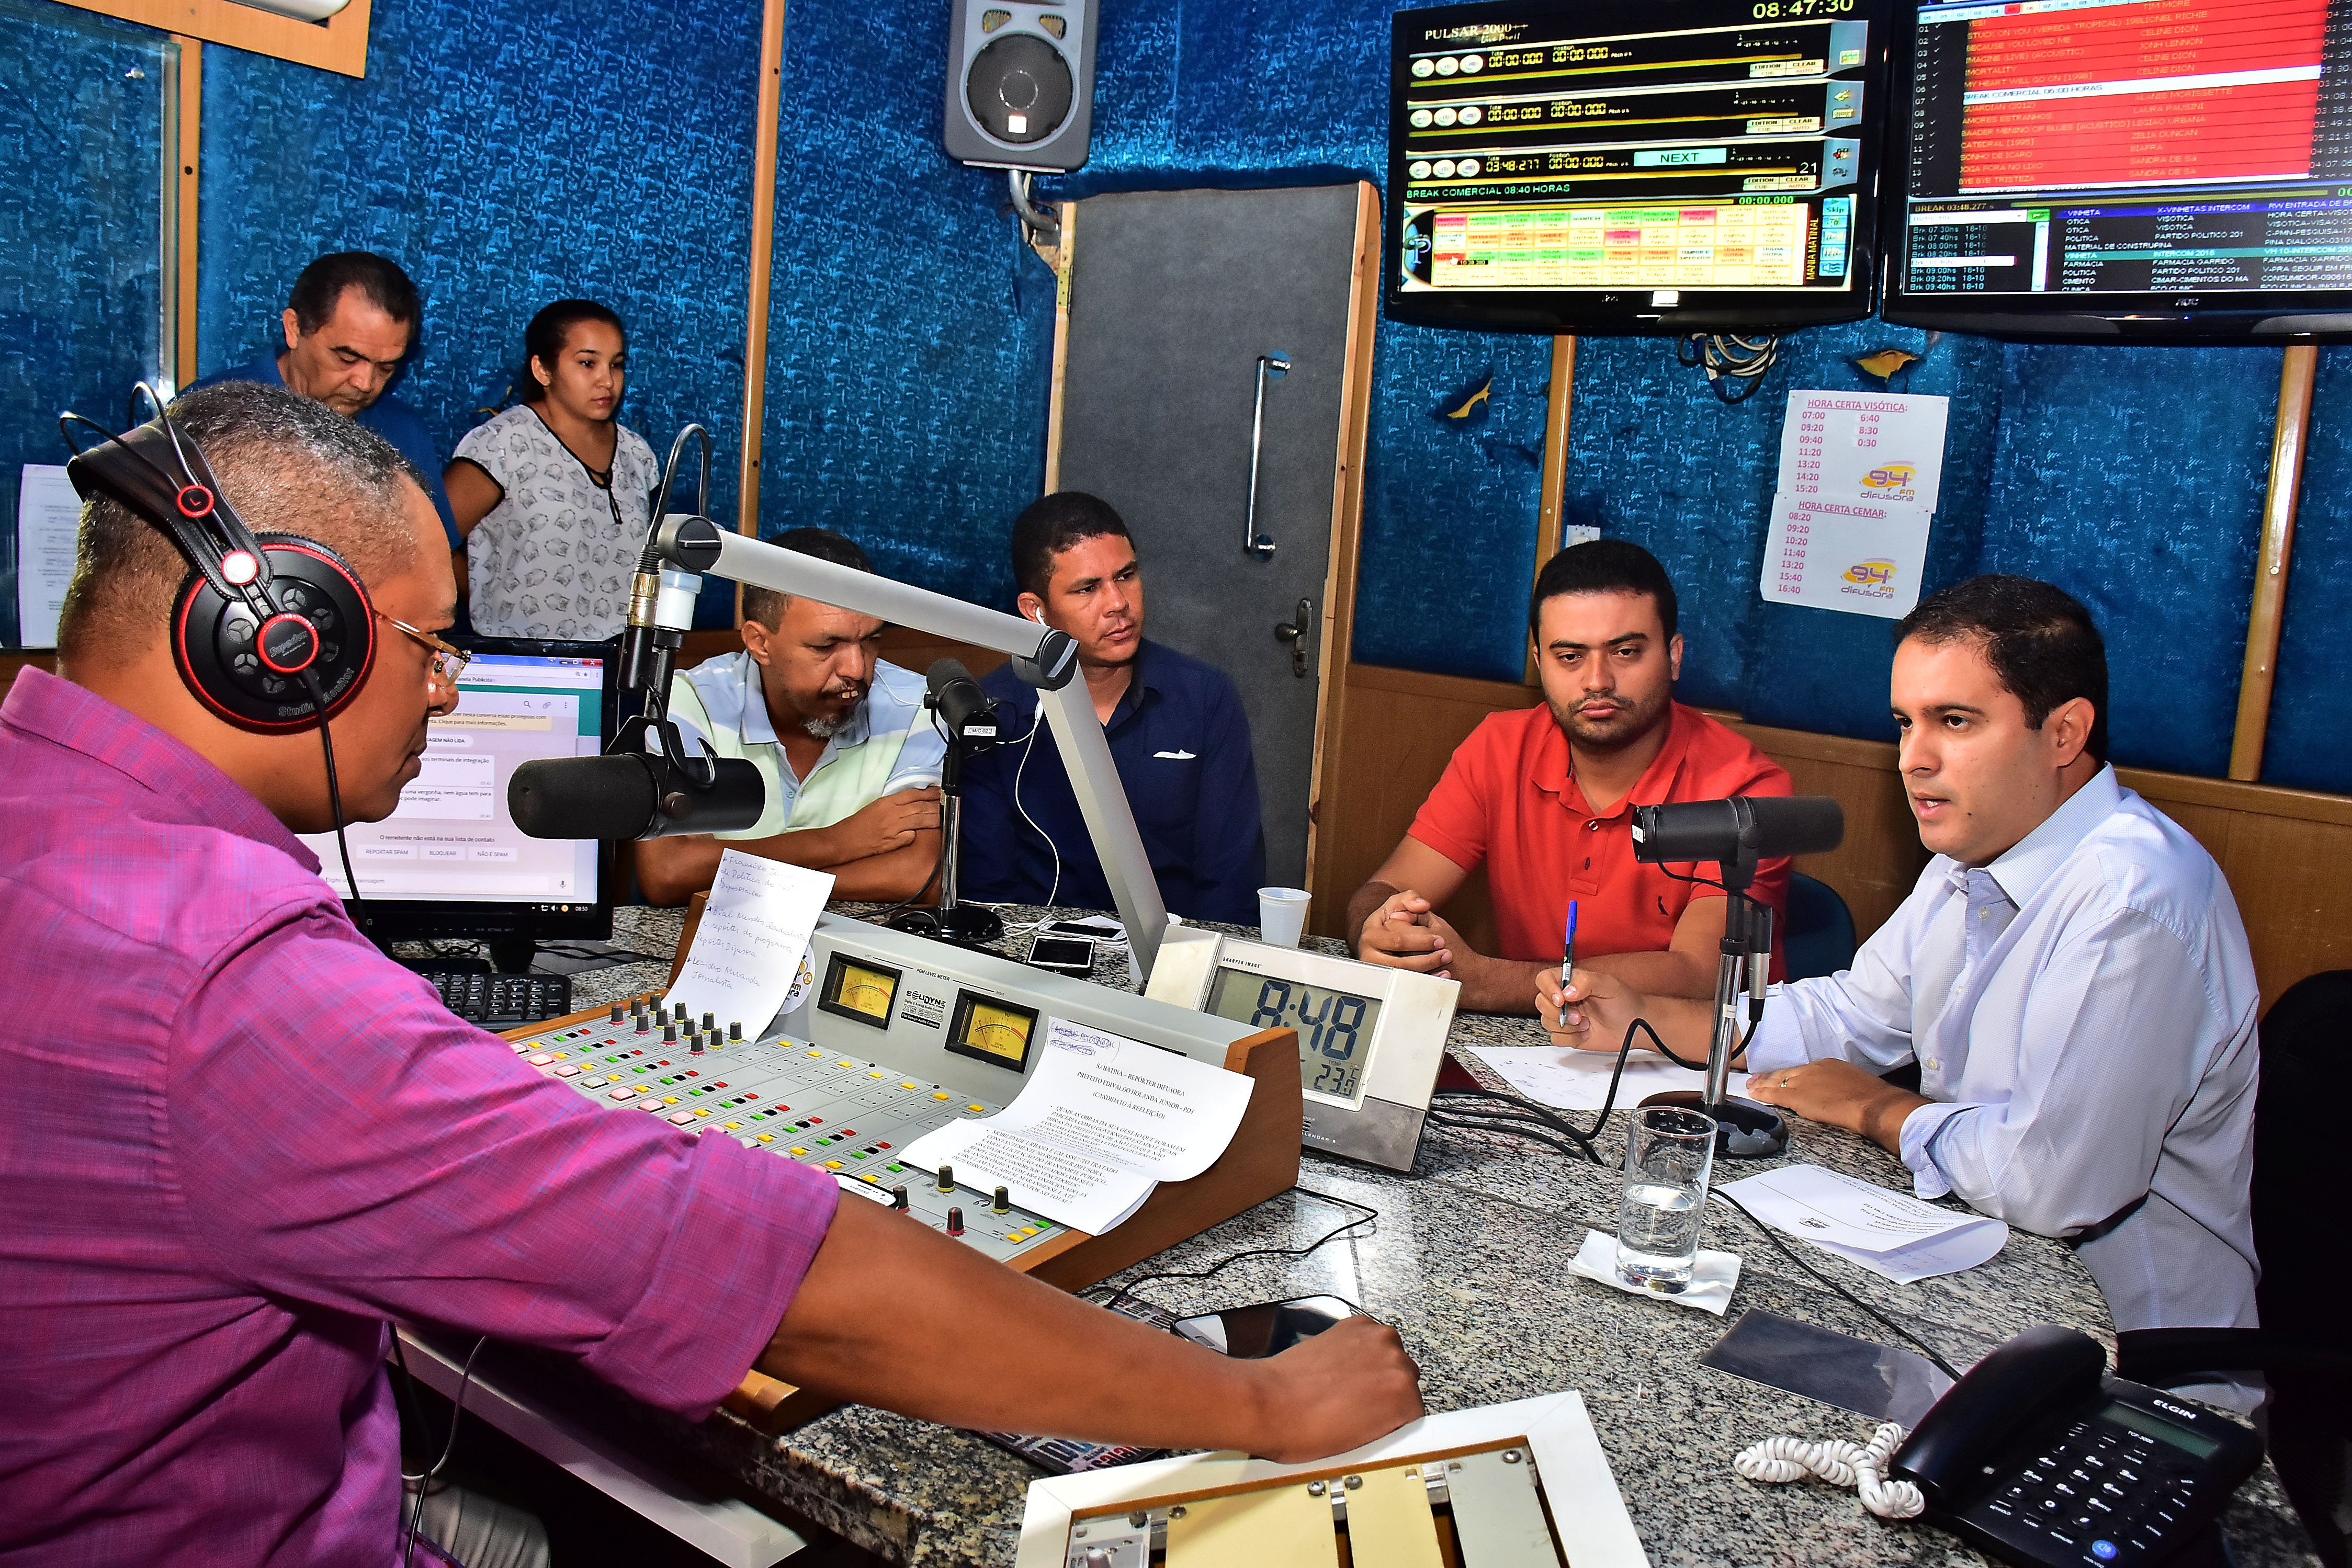 Durante cerca de 20 minutos, Edivaldo respondeu questionamentos feitos pelos jornalistas Ricardo Baty, Bial Mendes, Leandro Miranda e Francisco Júnior